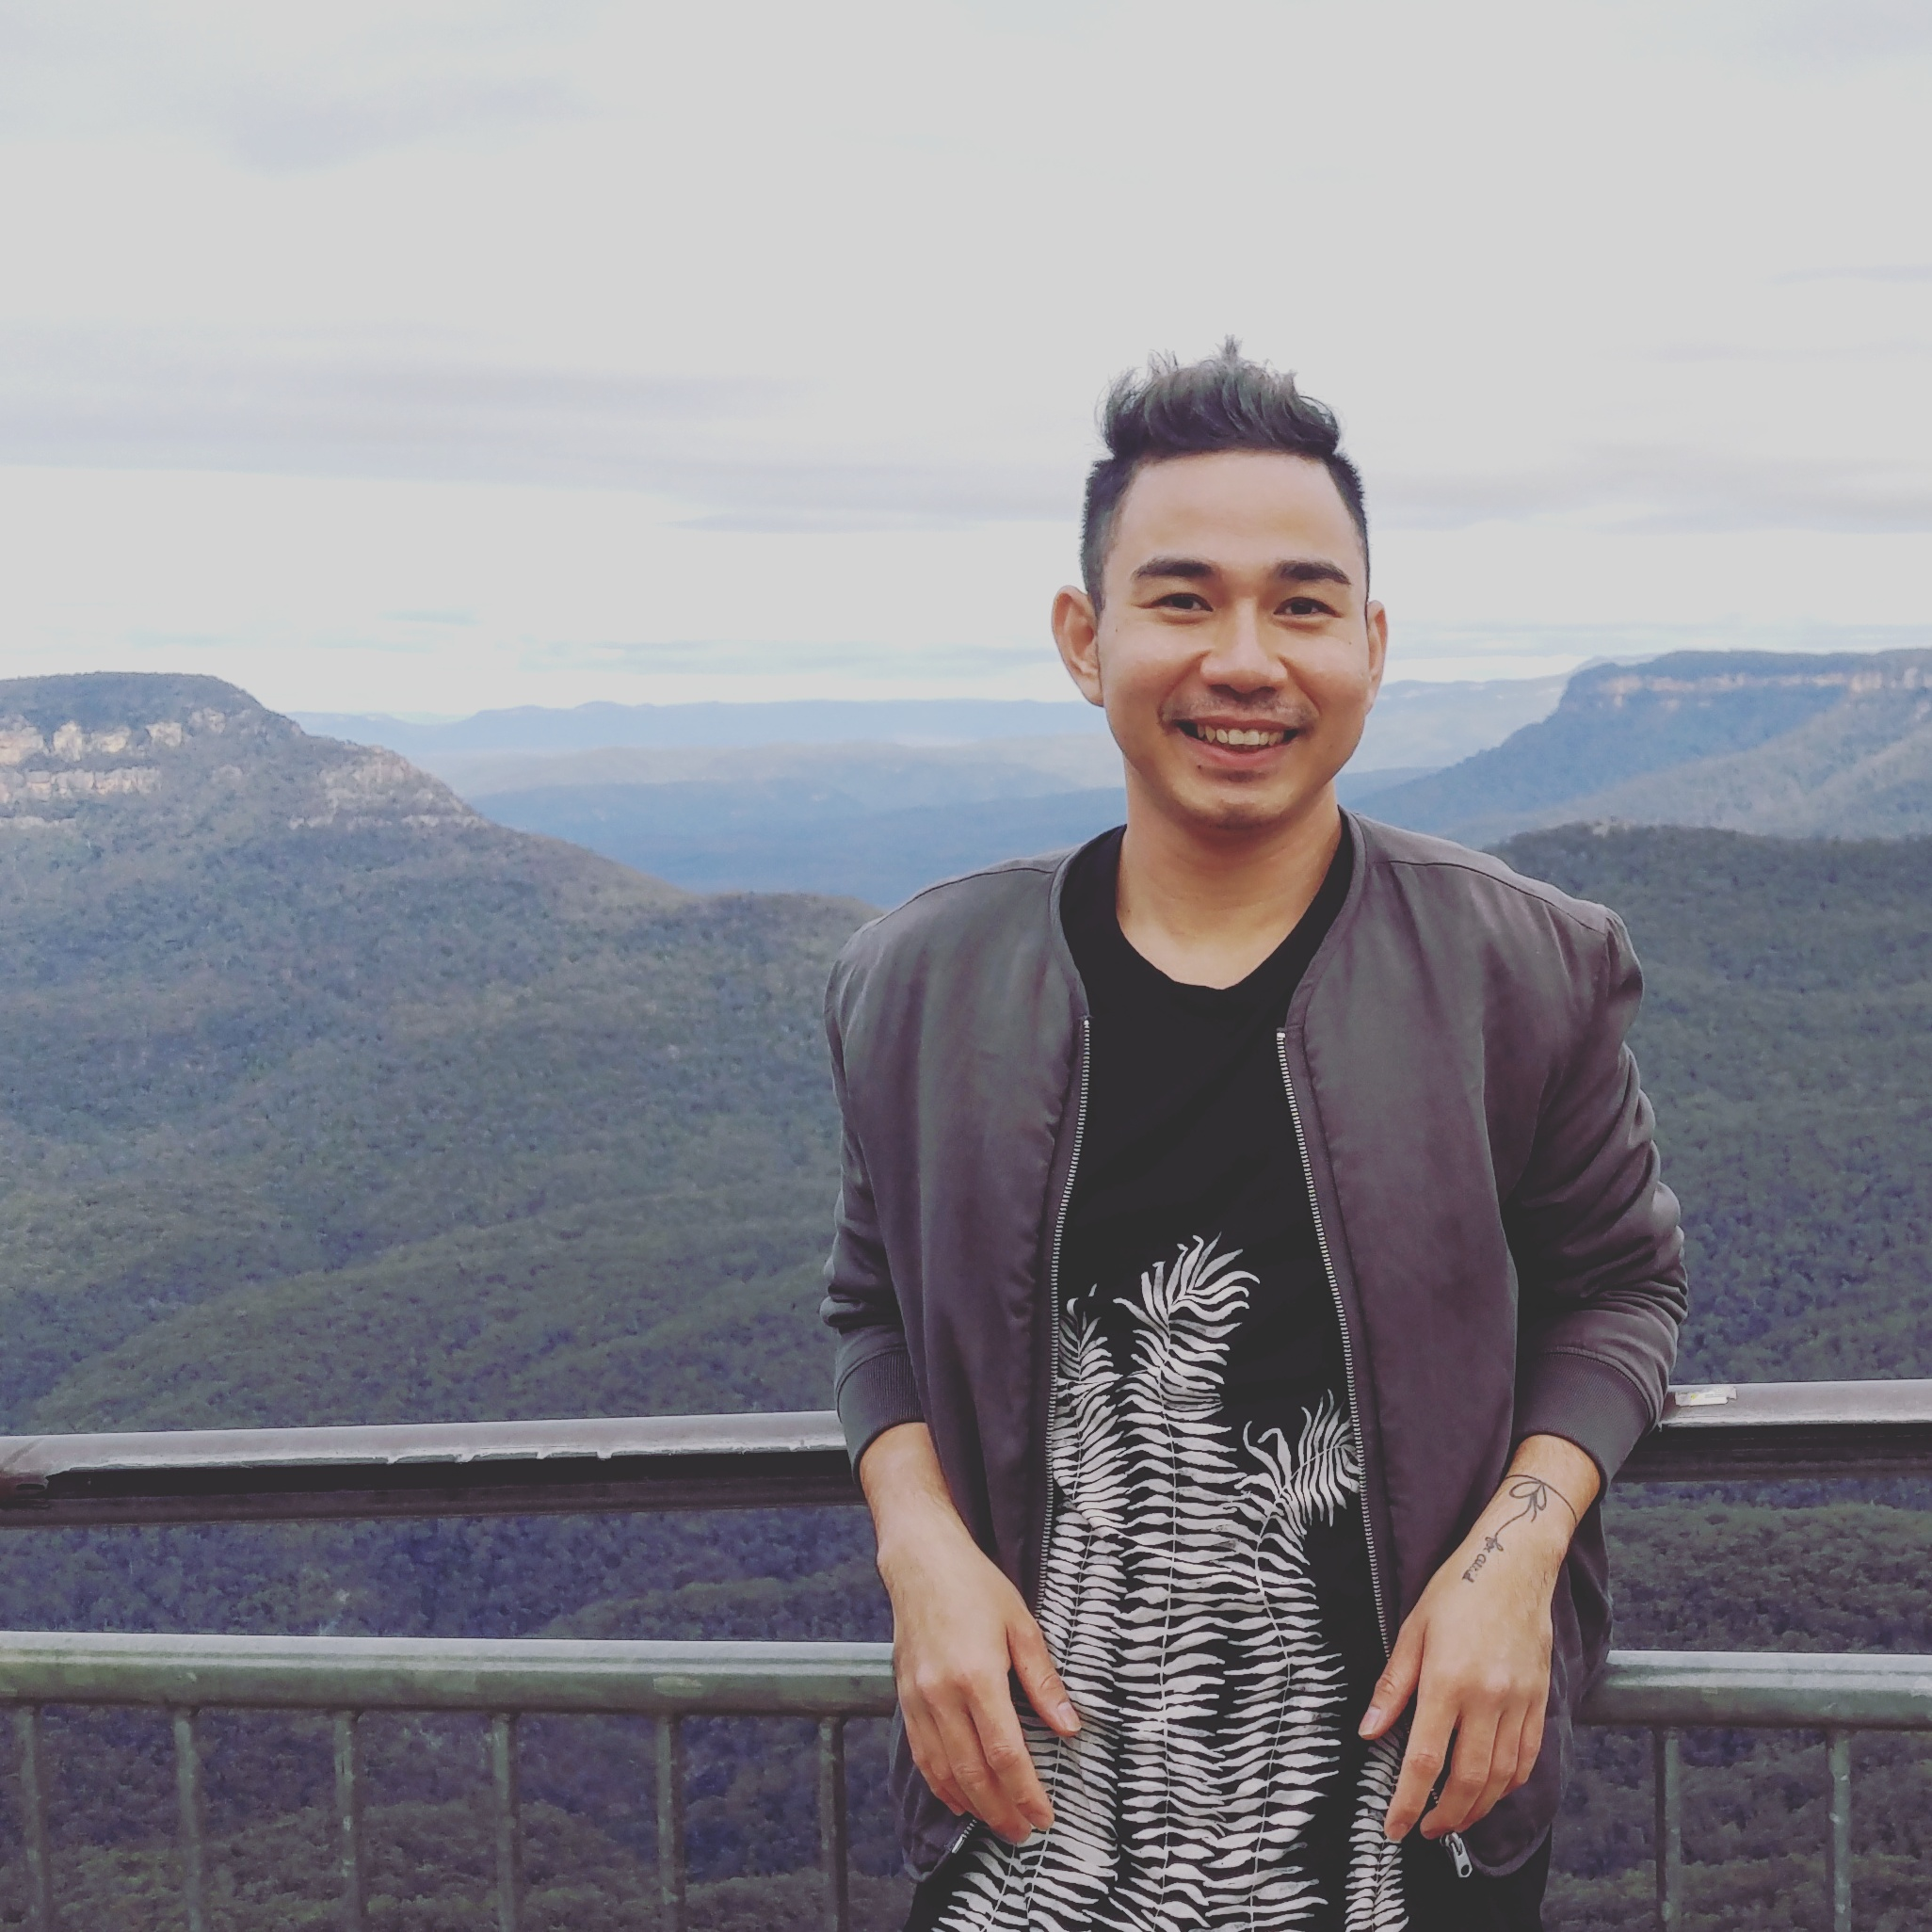 Truong's profile picture